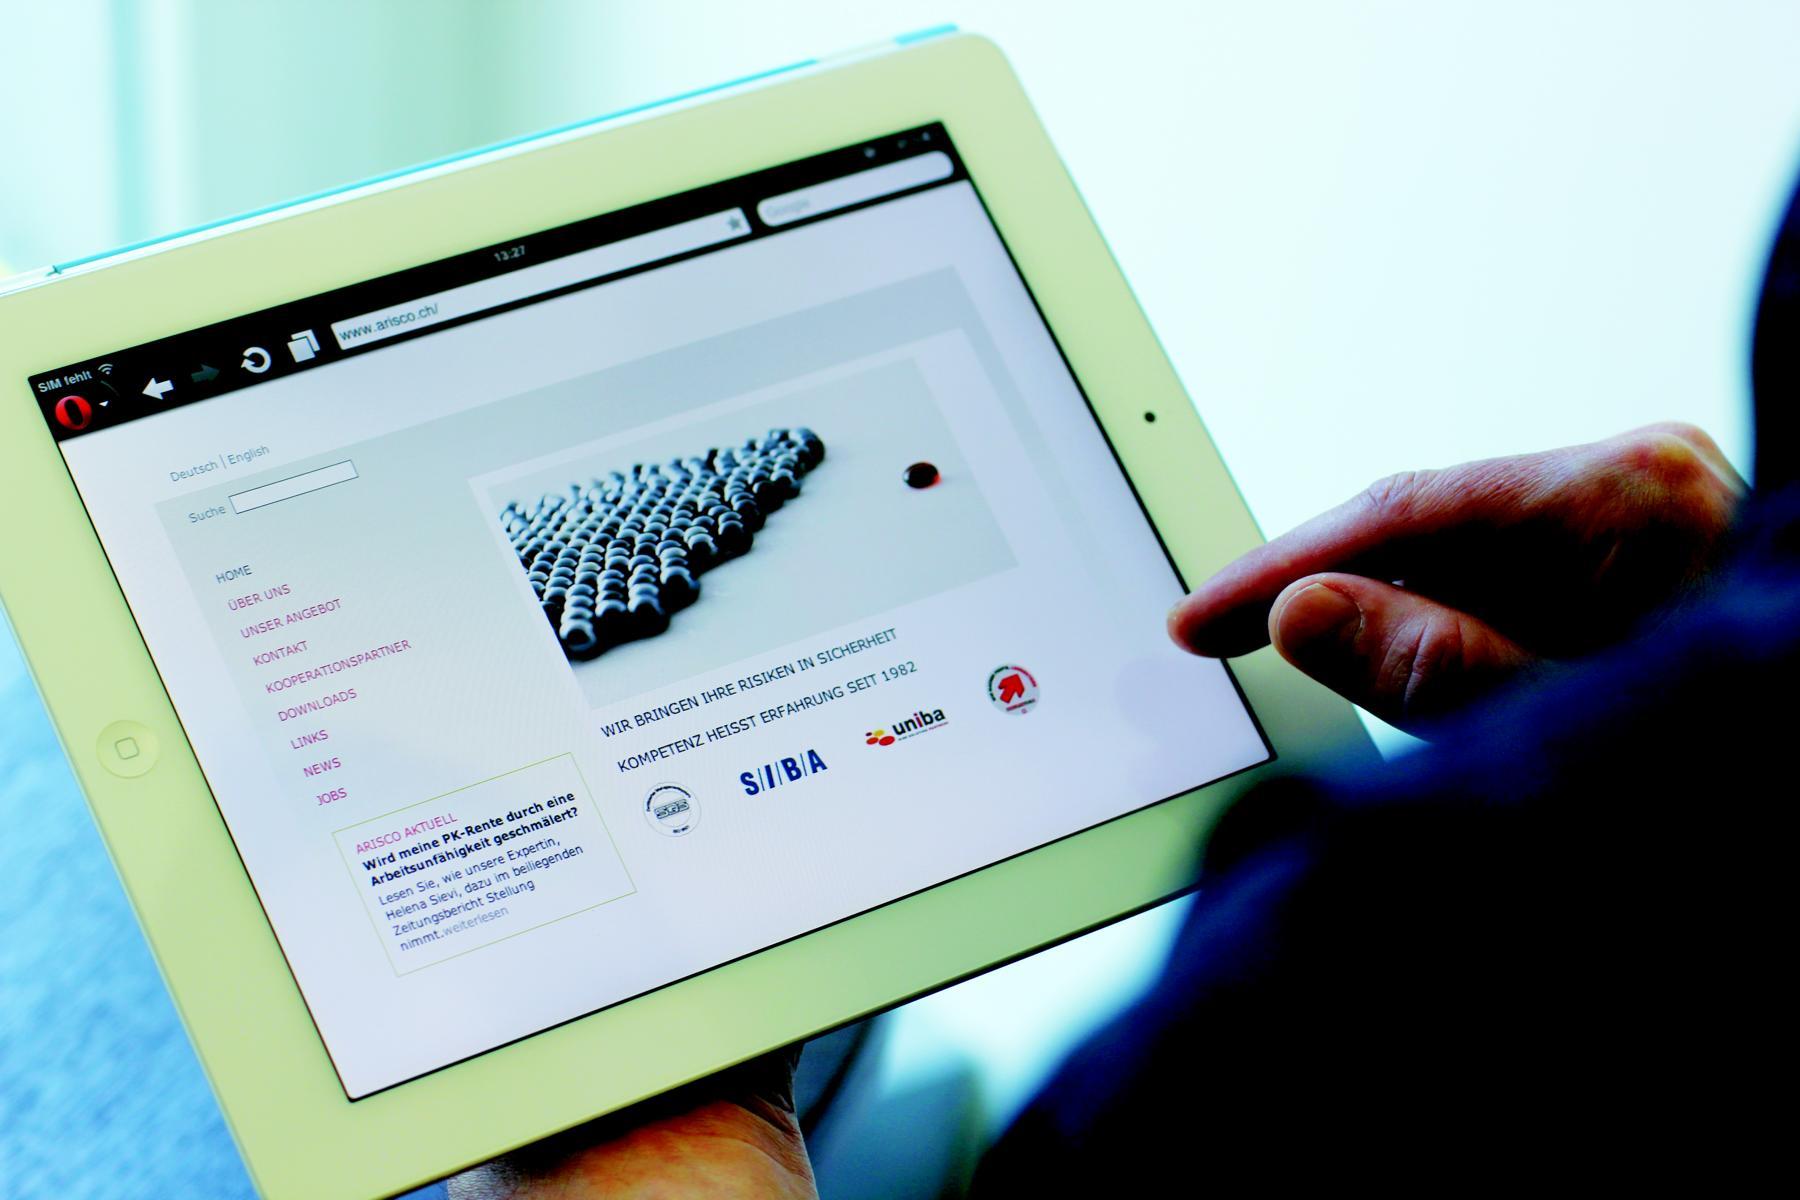 Traditionelle PR Firmenauftritt Arisco: Die neue Arisco-Webseite in der Responsiveansicht auf einem Tablet. Corporate Design für die neue ARISCO Holding AG mit den Divisionen ARISCO Vorsorge AG, ARISCO Versicherungen AG und ARISCO Dienstleistungen AG. ARISCO ist aus einer Firmenfusion entstanden.